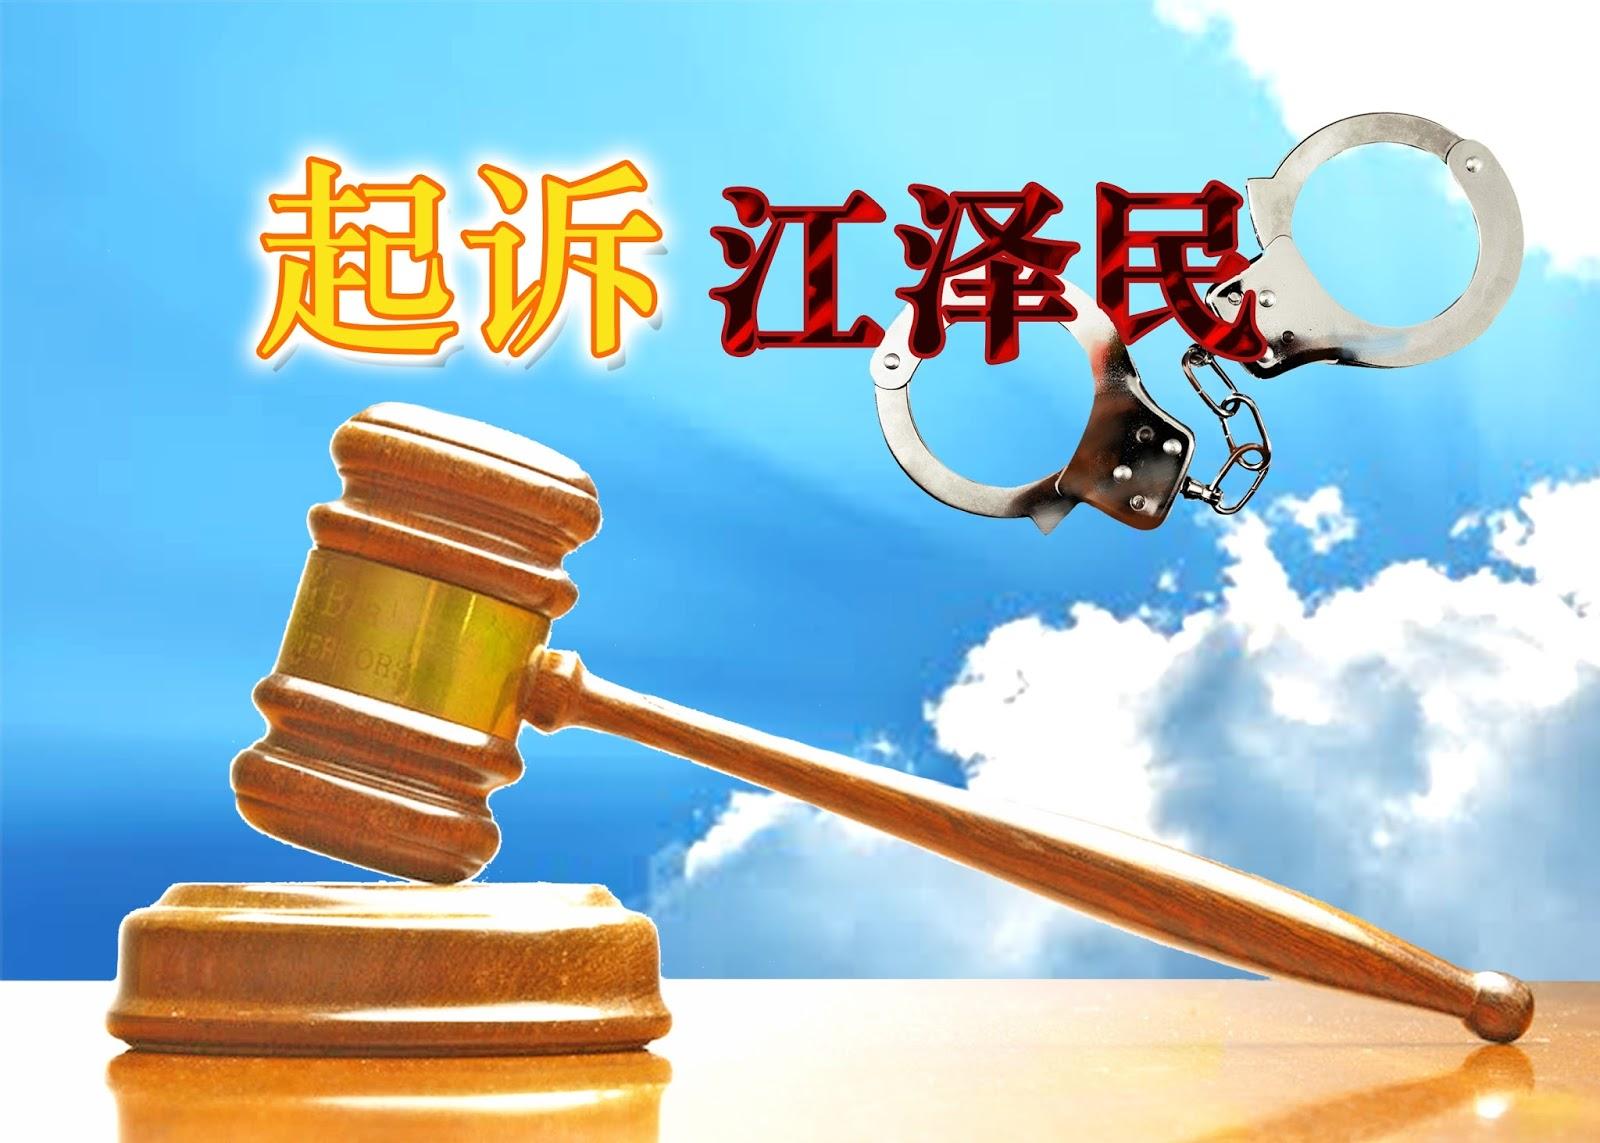 法輪功學員起訴迫害法輪功的元凶江澤民而被非法判刑。(明慧網)